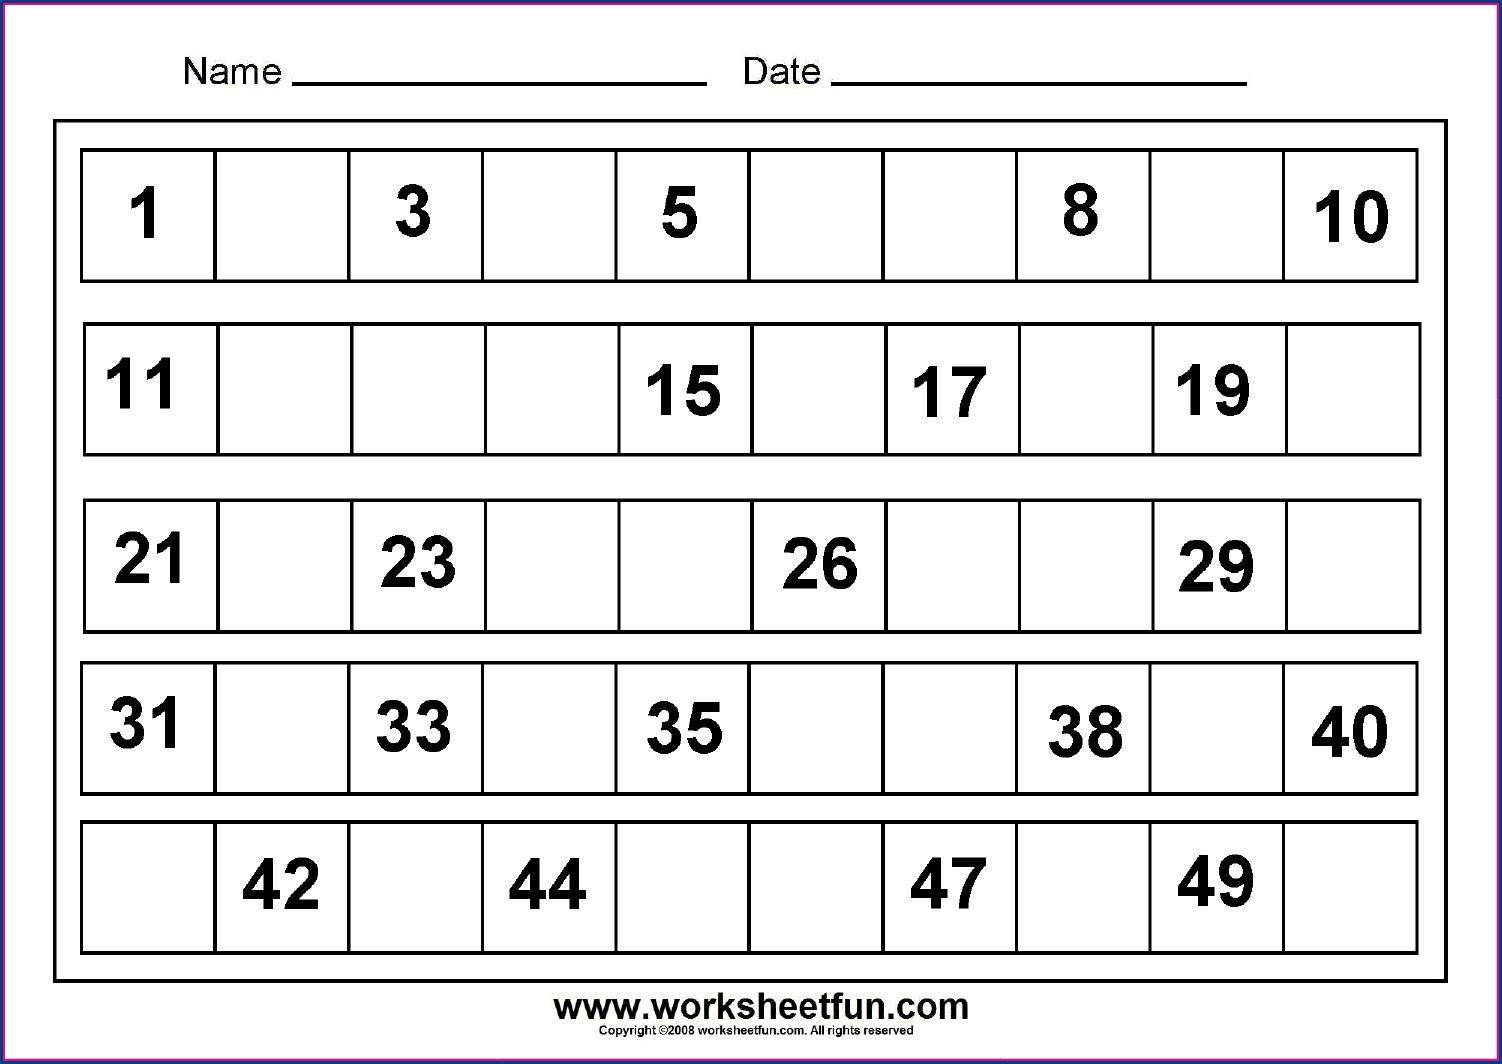 Worksheet On Numbers 1 20